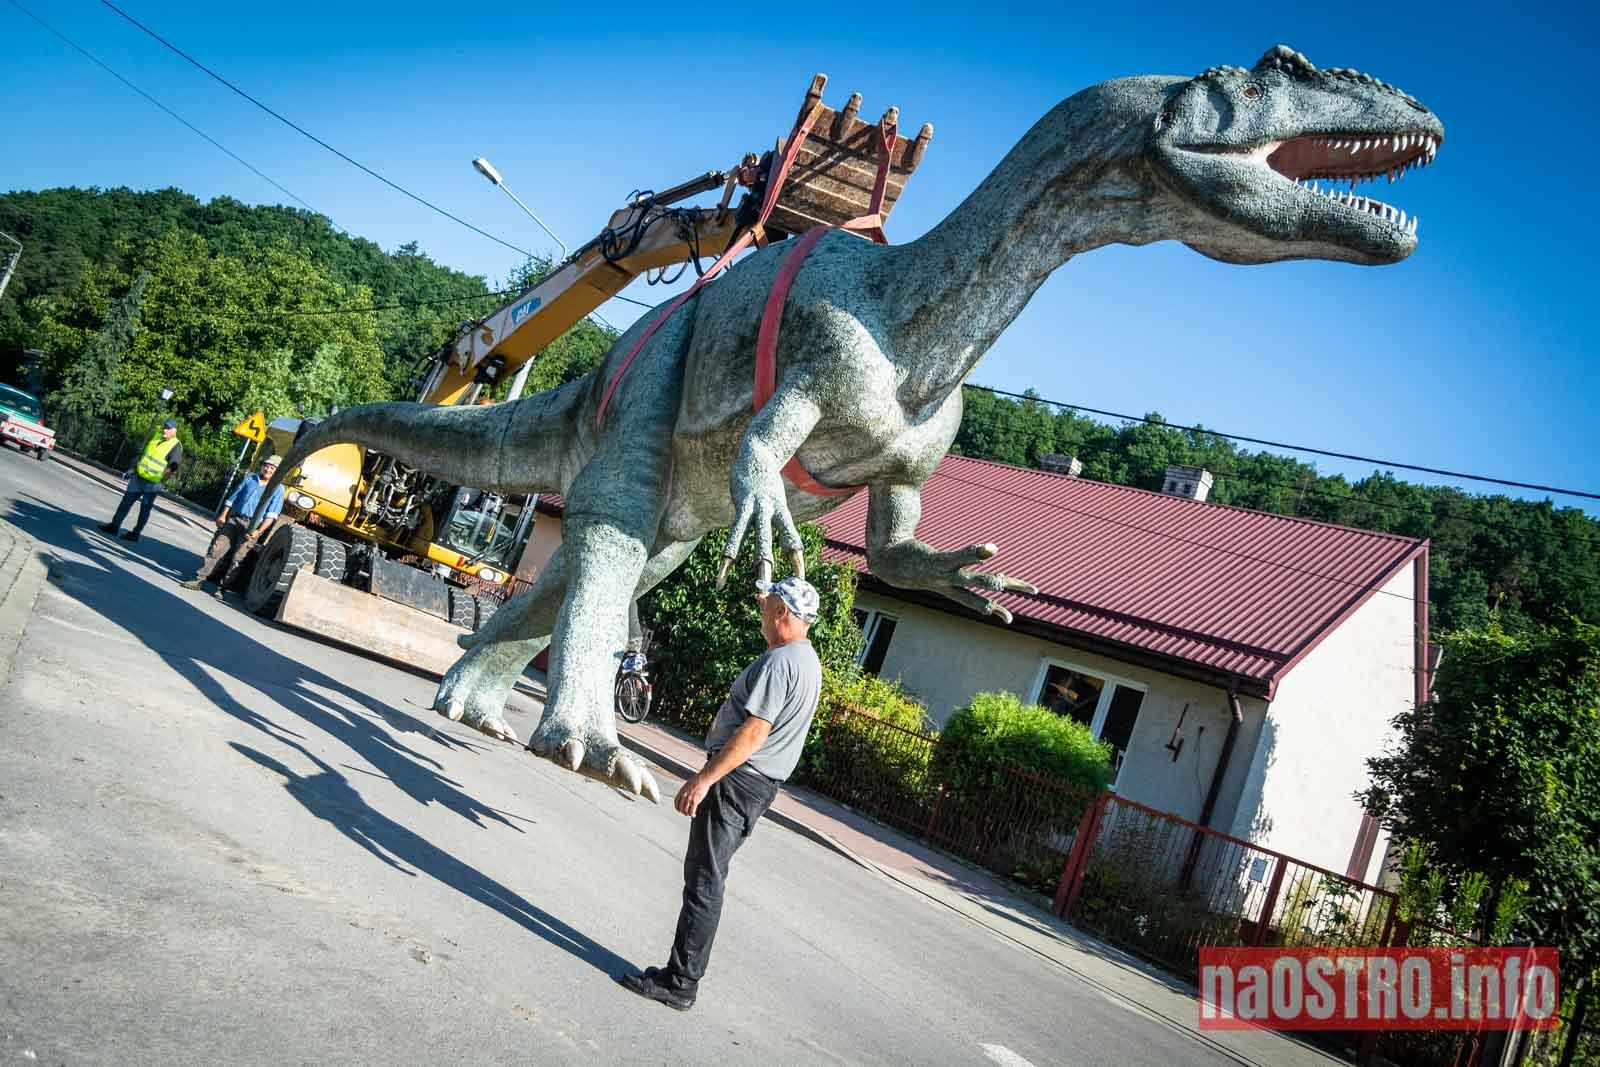 NaOSTROinfo Dinozaur Gerard-24